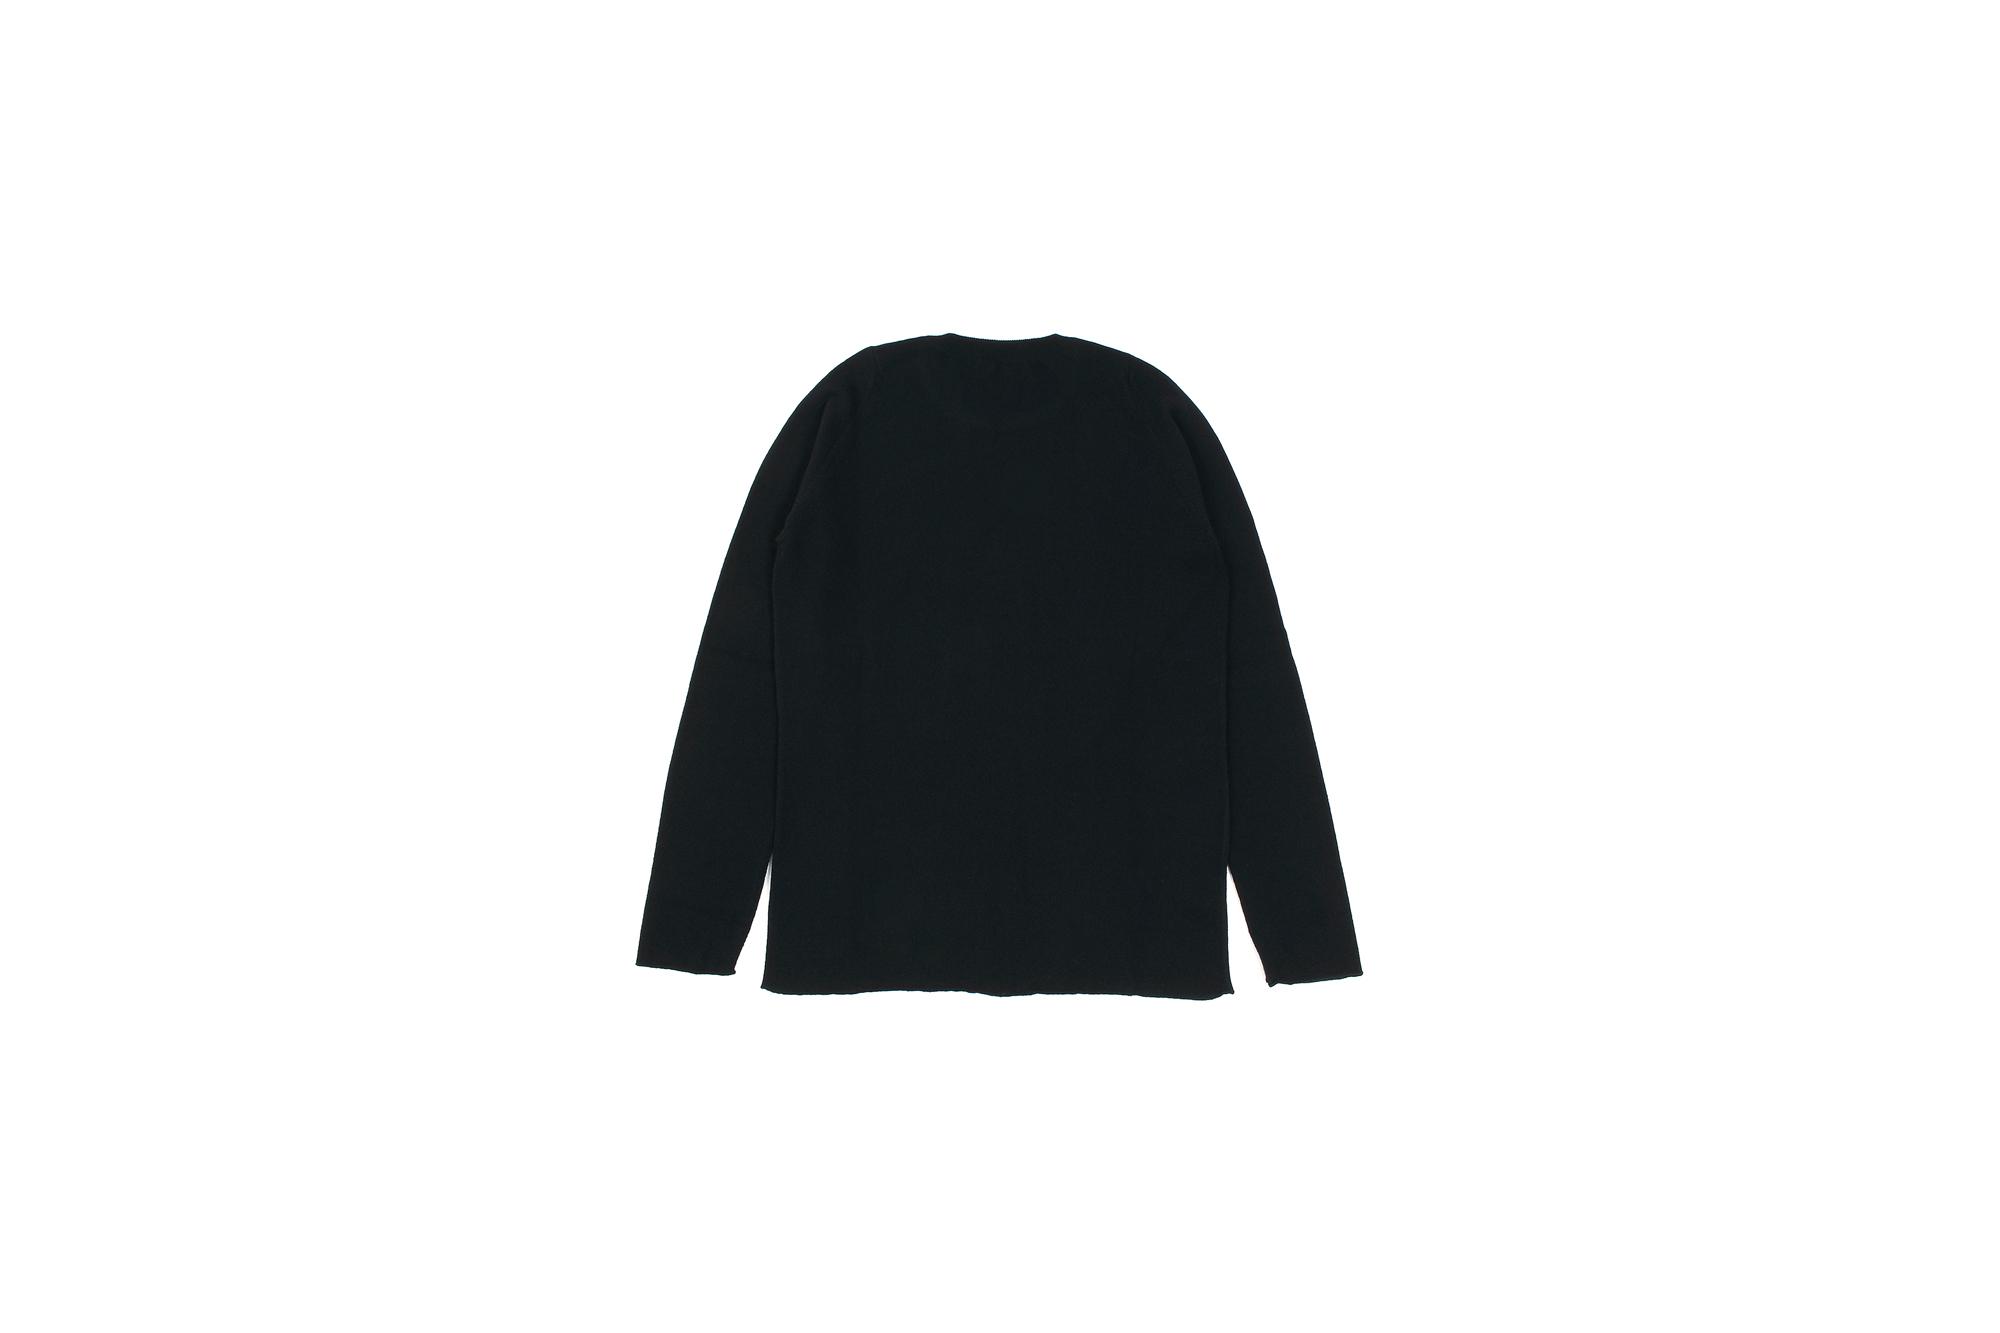 lucien pellat-finet(ルシアン ペラフィネ) Skull Sunglasses Cashmere Sweater (スカル サングラス カシミア セーター) インターシャ カシミア スカル セーター BLACK × NIVEOUS (ブラック × ホワイト) made in scotland (スコットランド製) 2020 春夏新作 愛知 名古屋 altoediritto アルトエデリット